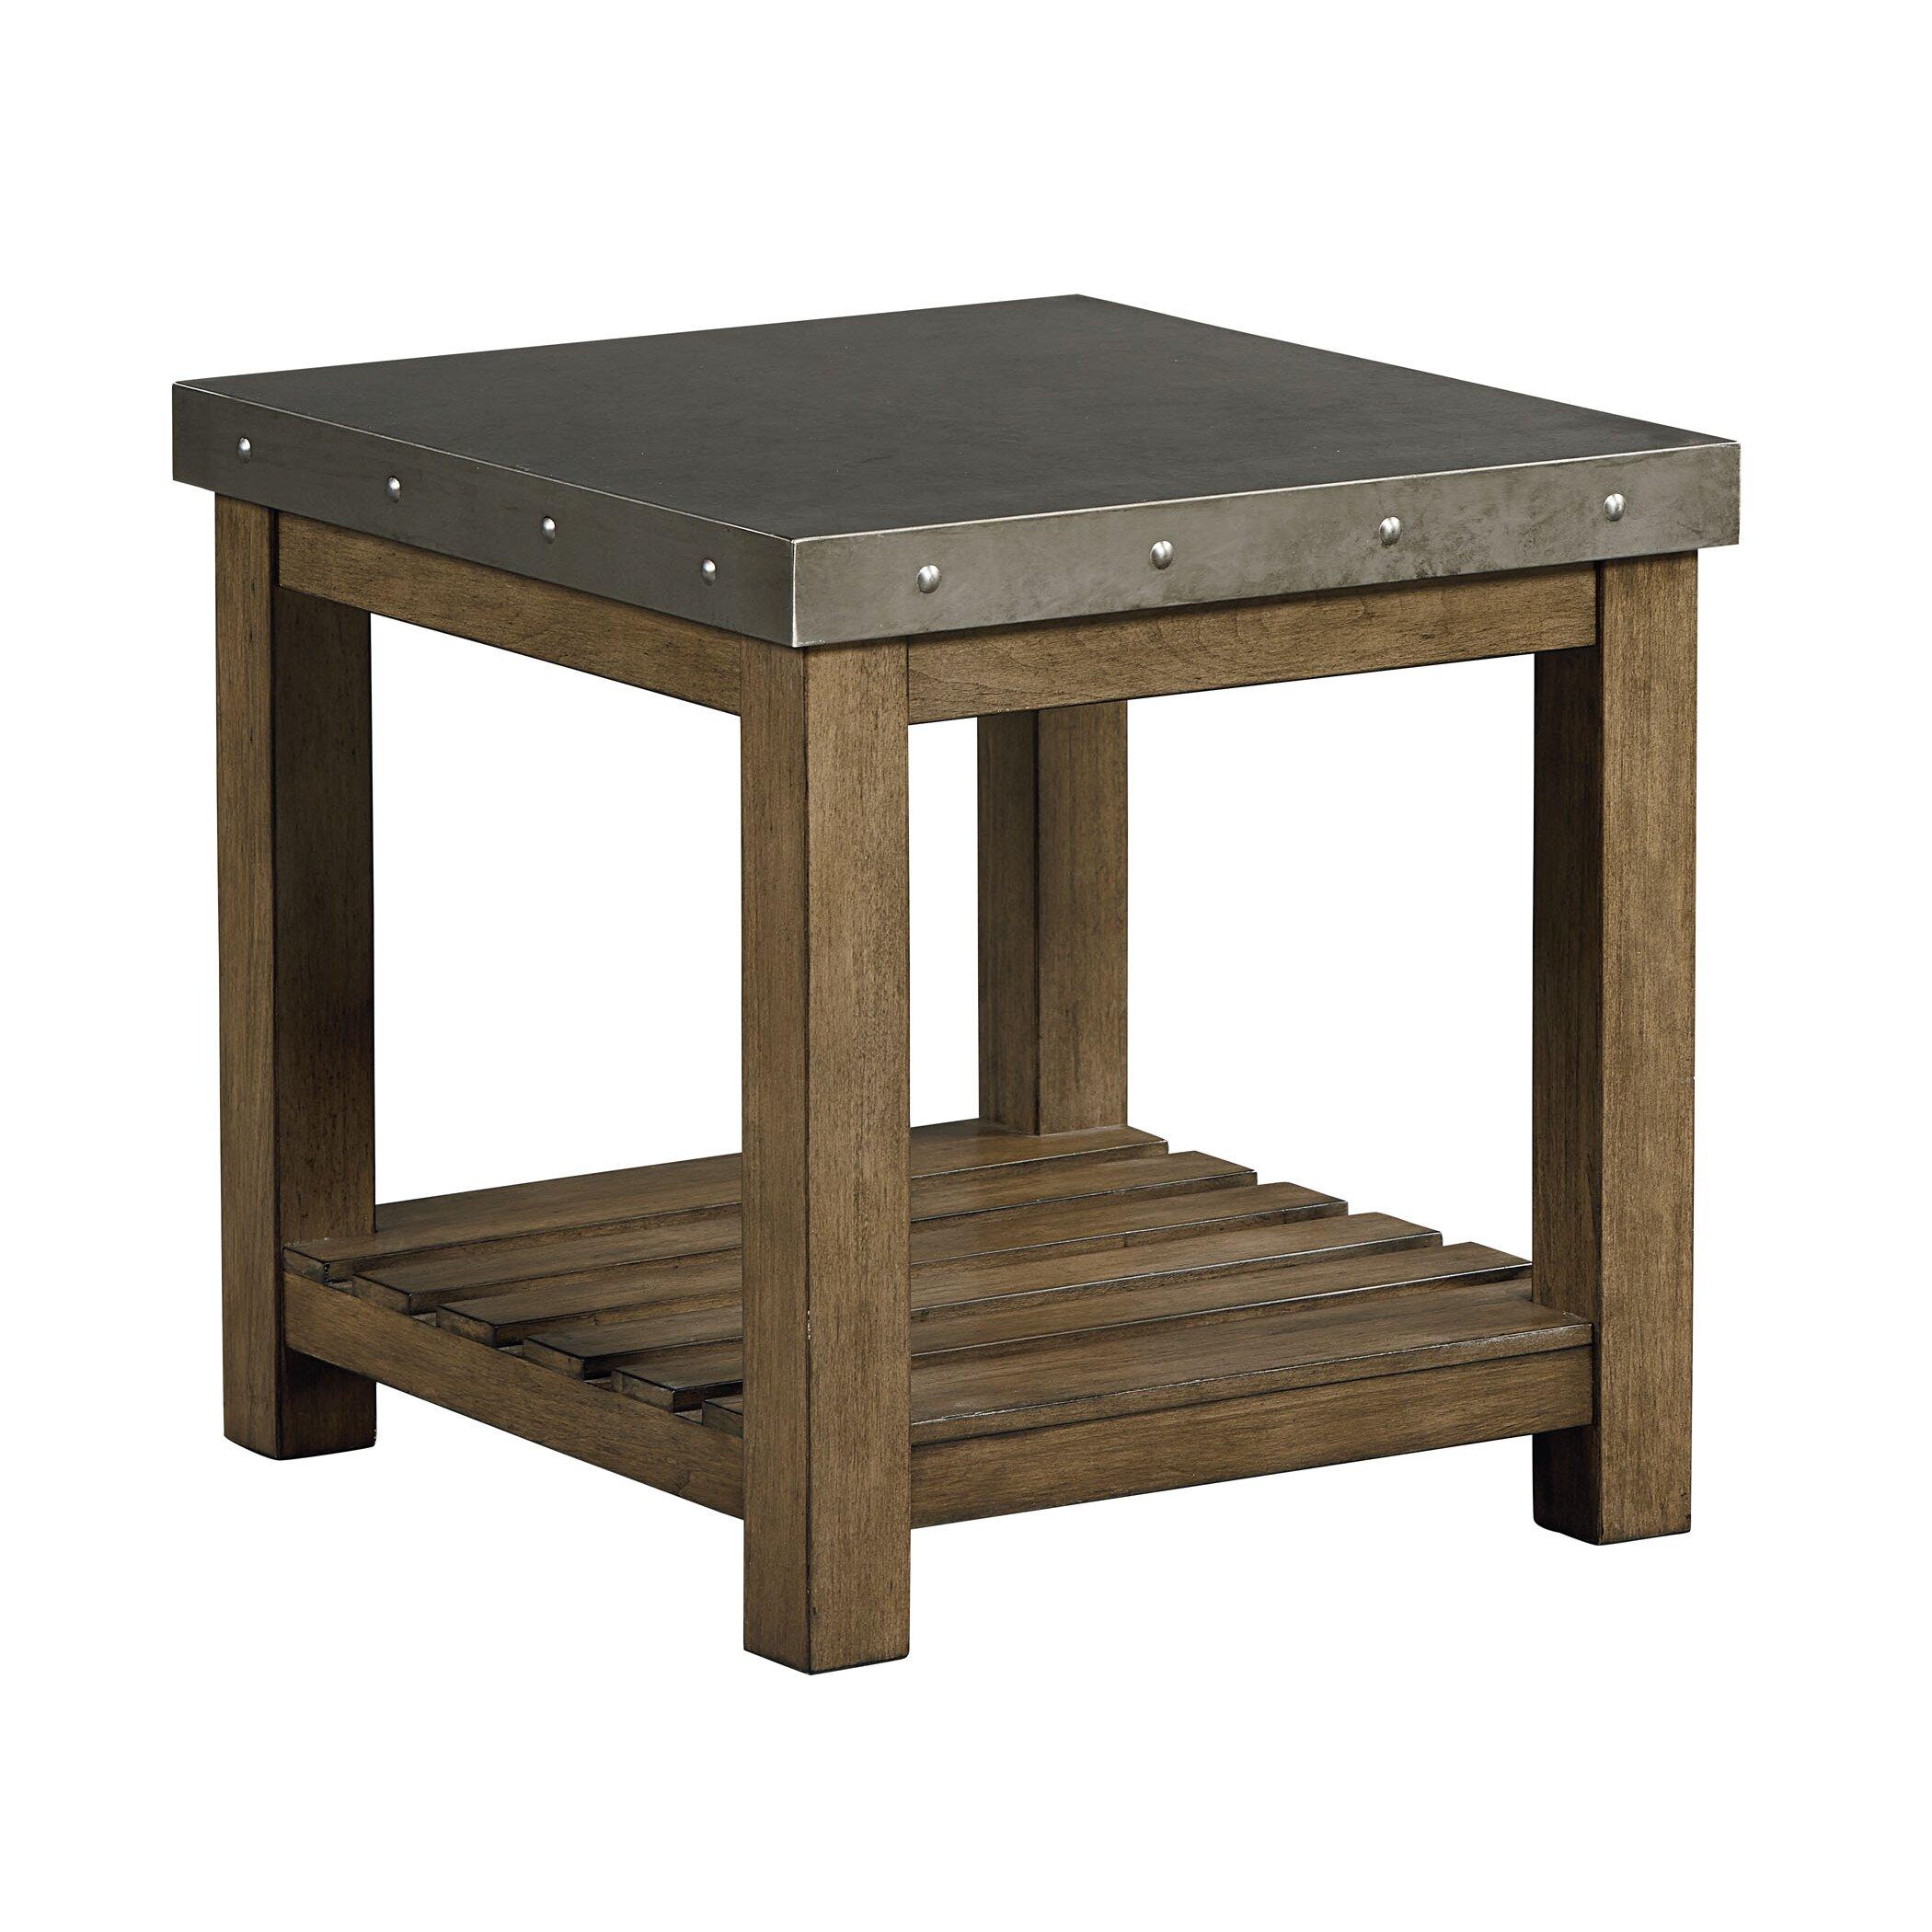 Laurel foundry modern farmhouse aubrie end table wayfair for Farmhouse end table set